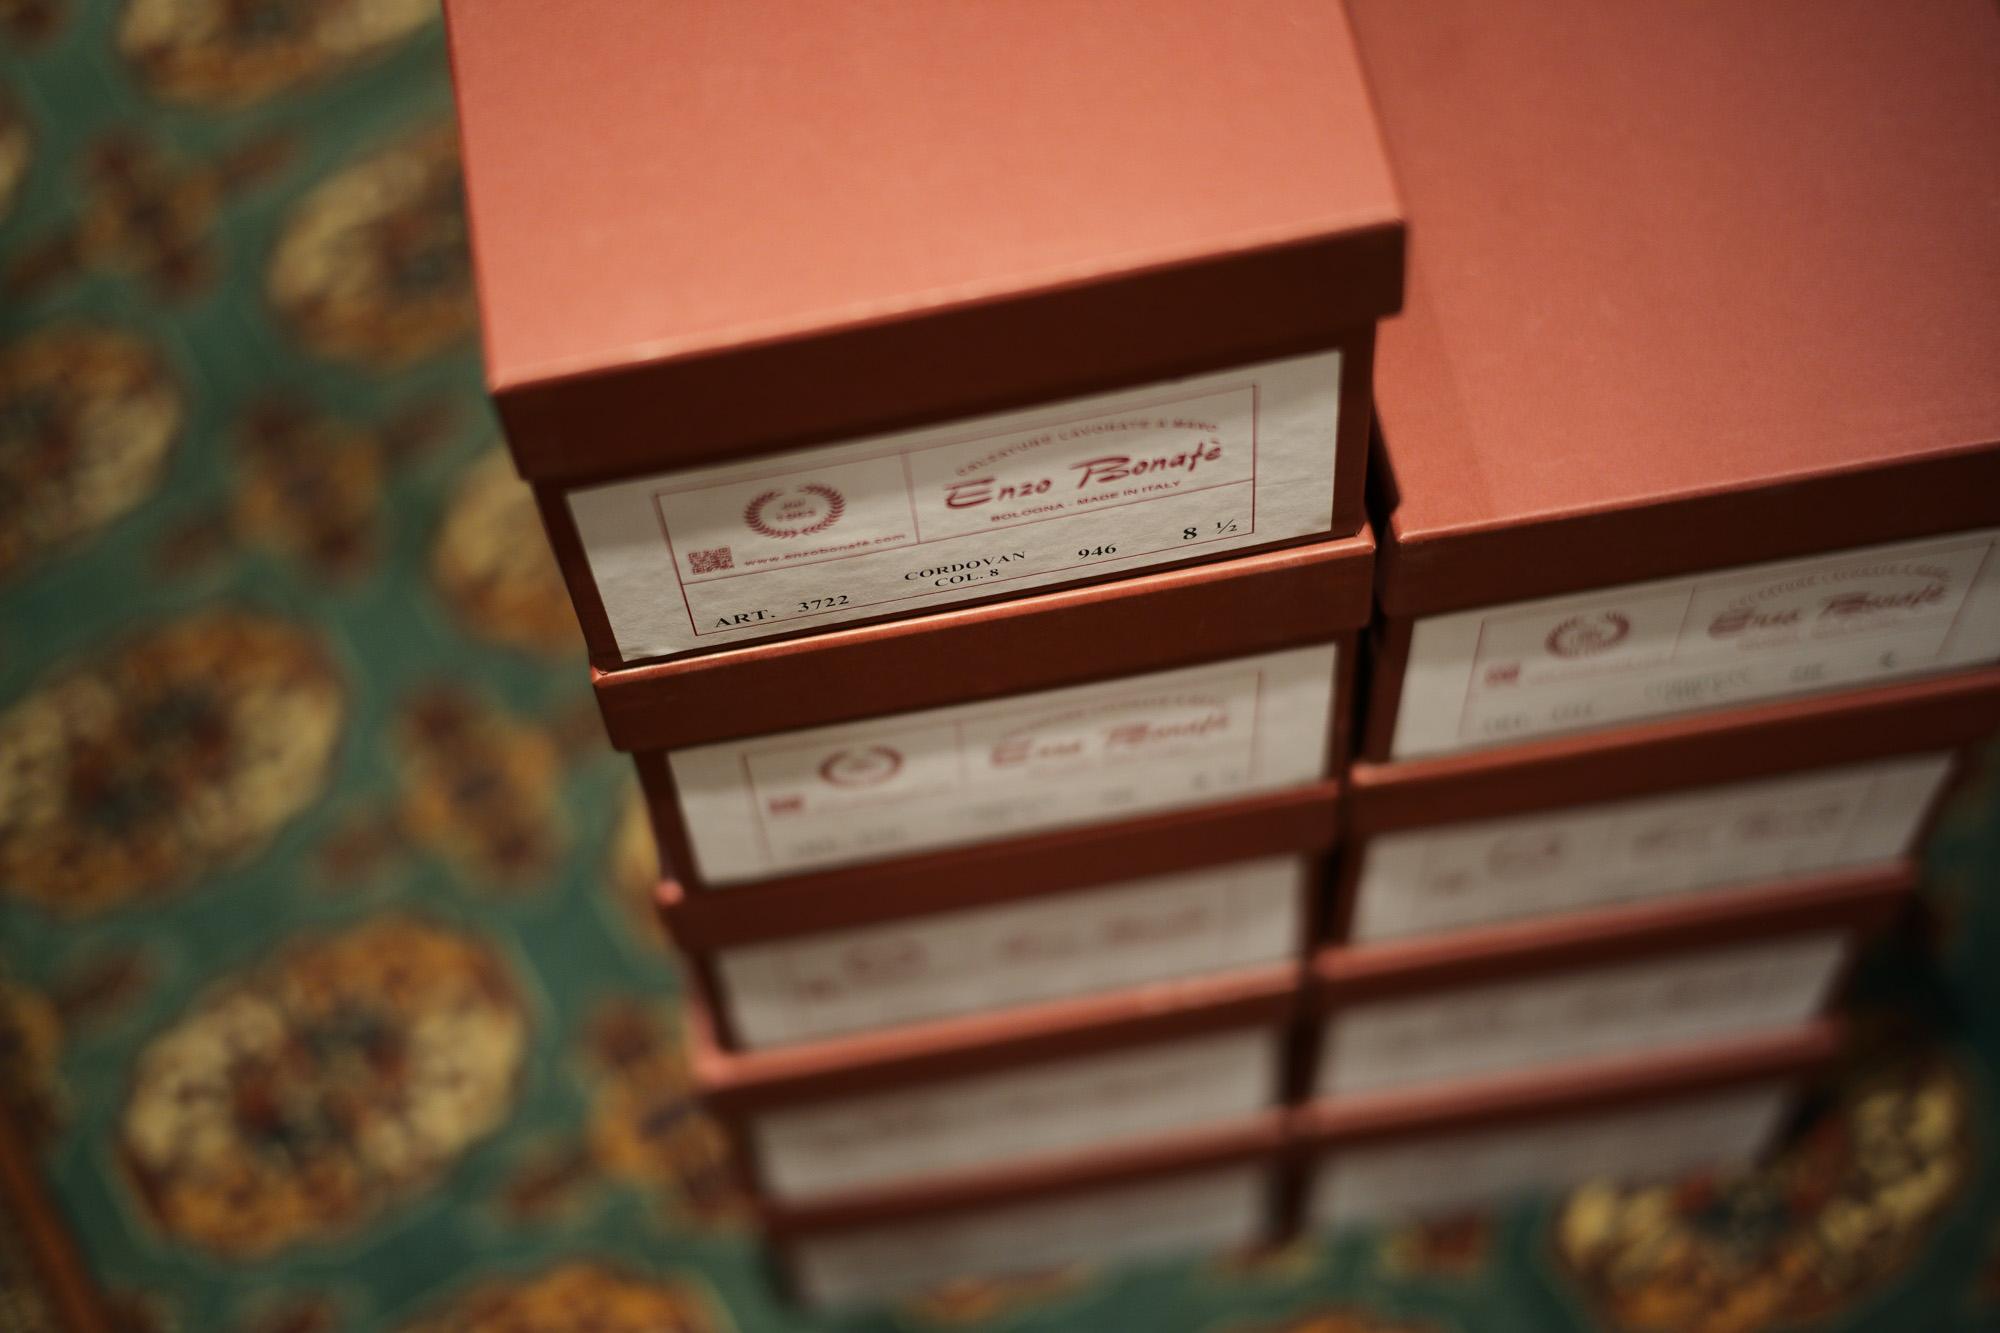 ENZO BONAFE (エンツォボナフェ) ART.3722 Chukka boots チャッカブーツ Horween Shell Cordovan Leather ホーウィン社 シェルコードバンレザー ノルベジェーゼ製法 チャッカブーツ コードバンブーツ No.8(バーガンディー)  made in italy (イタリア製) 2017 秋冬新作 愛知 名古屋 ZODIAC ゾディアック エンツォボナフェ コードバン チャッカ